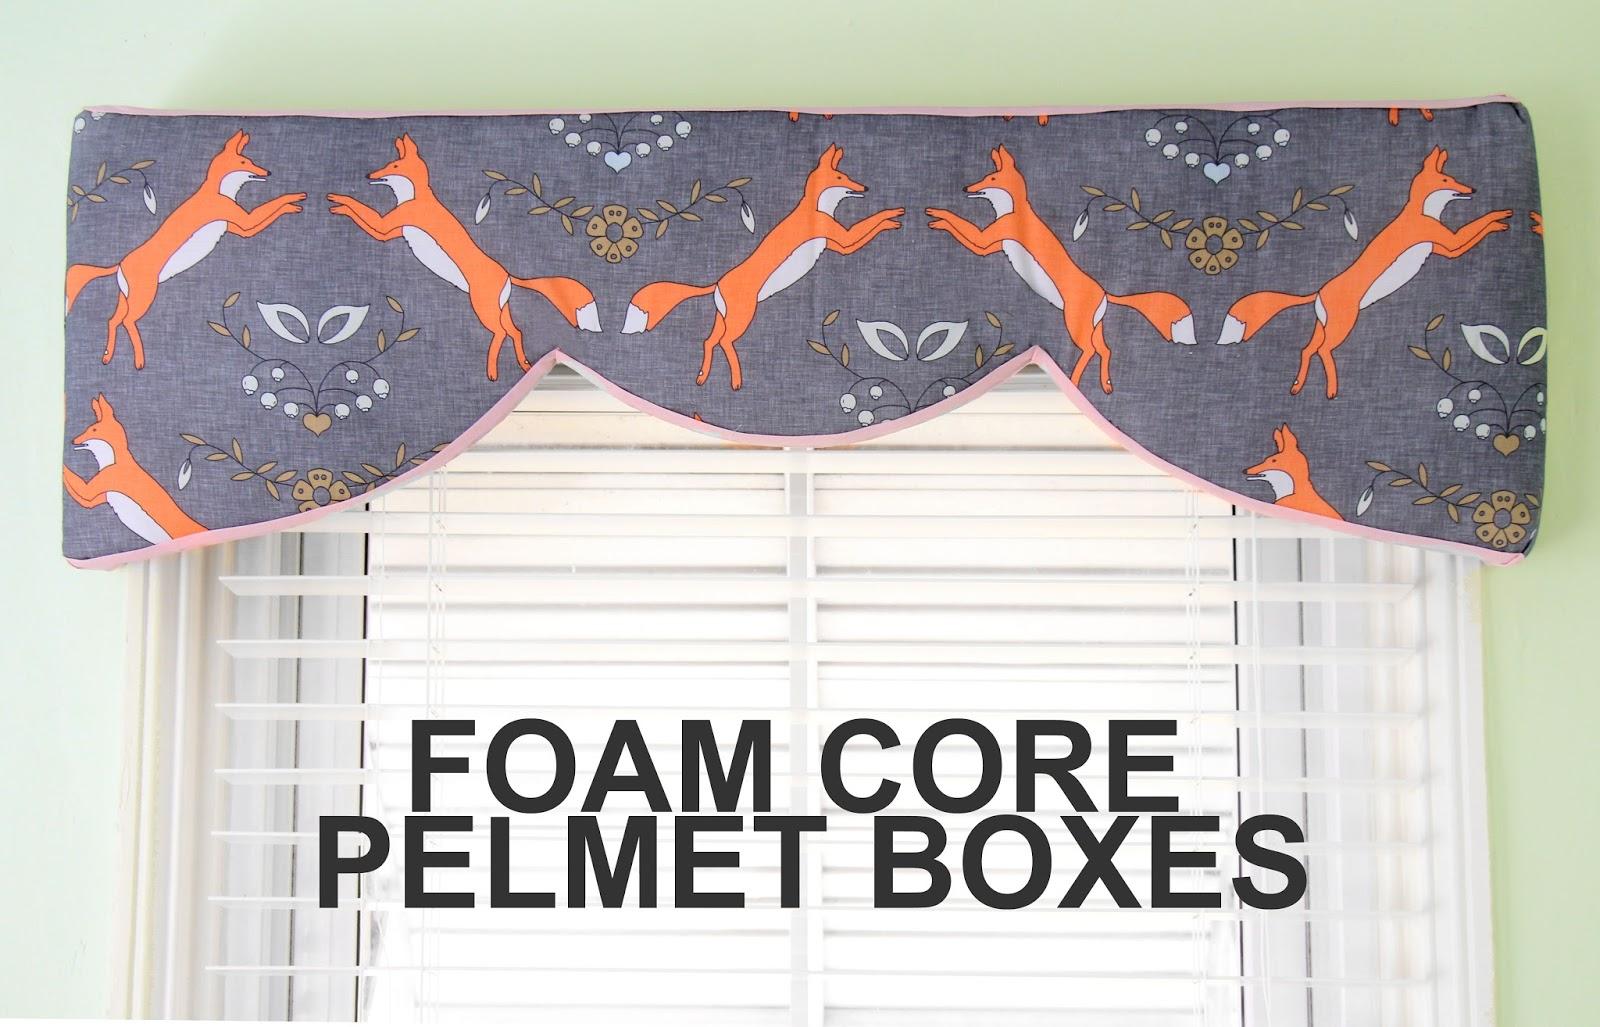 Foam Board Pelmet Boxes September 27 2014